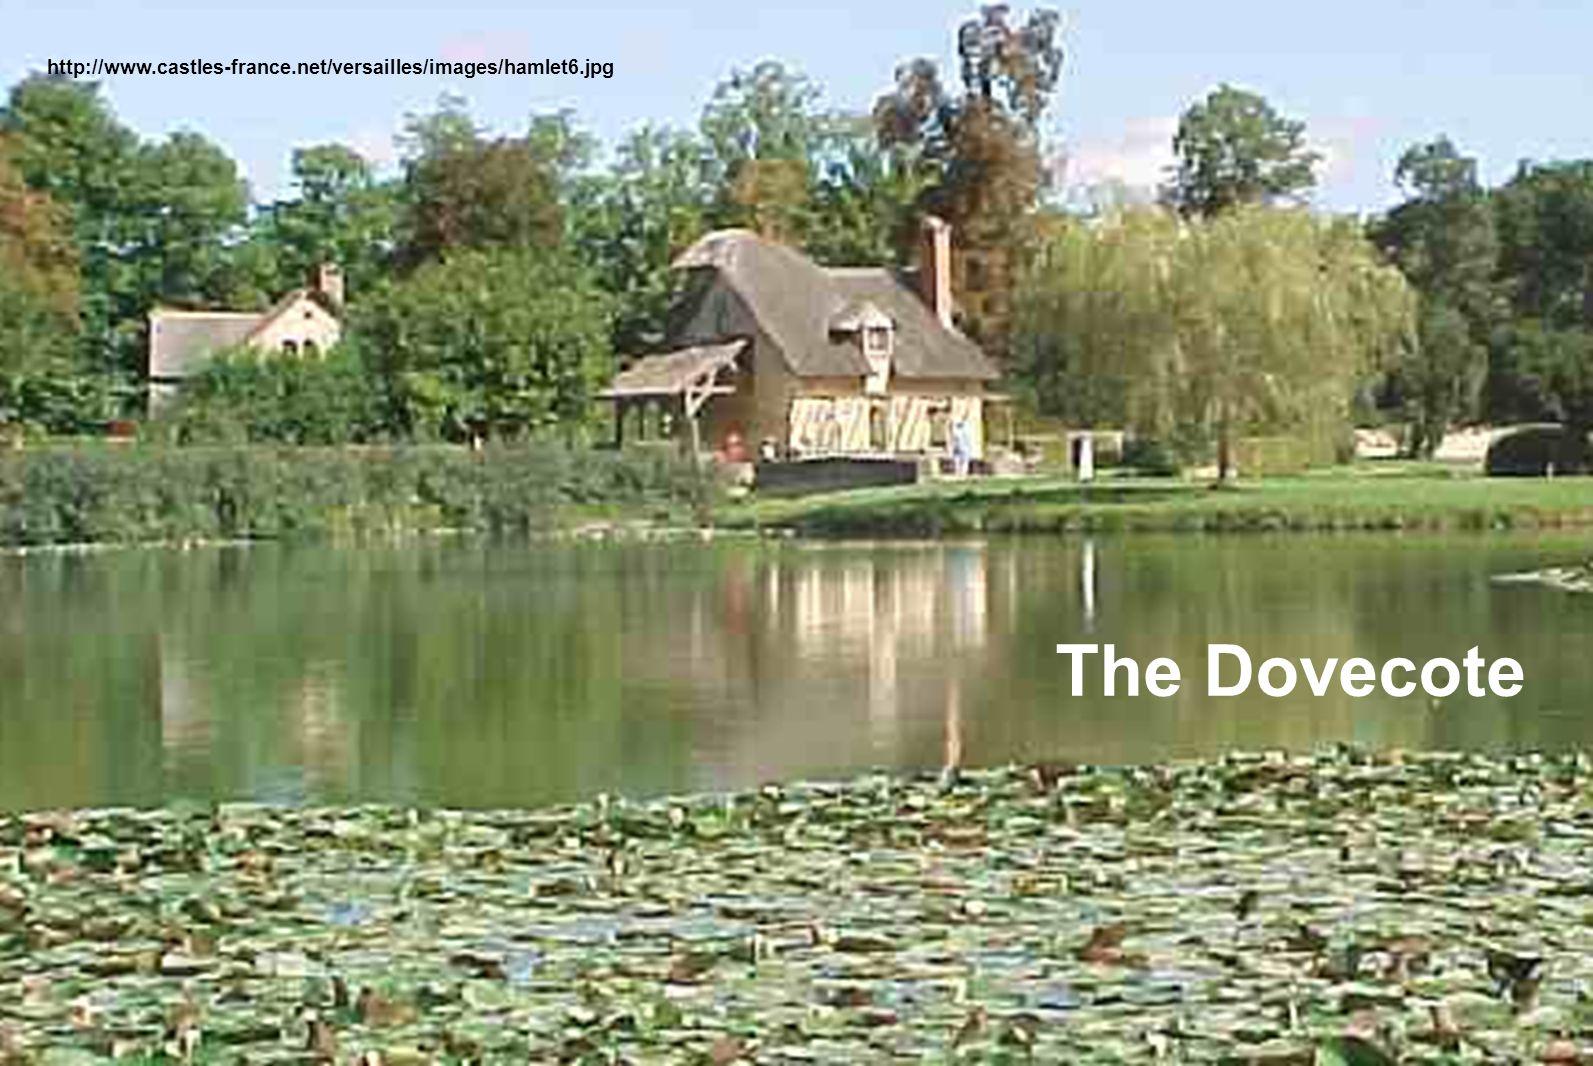 http://www.castles-france.net/versailles/images/hamlet6.jpg The Dovecote